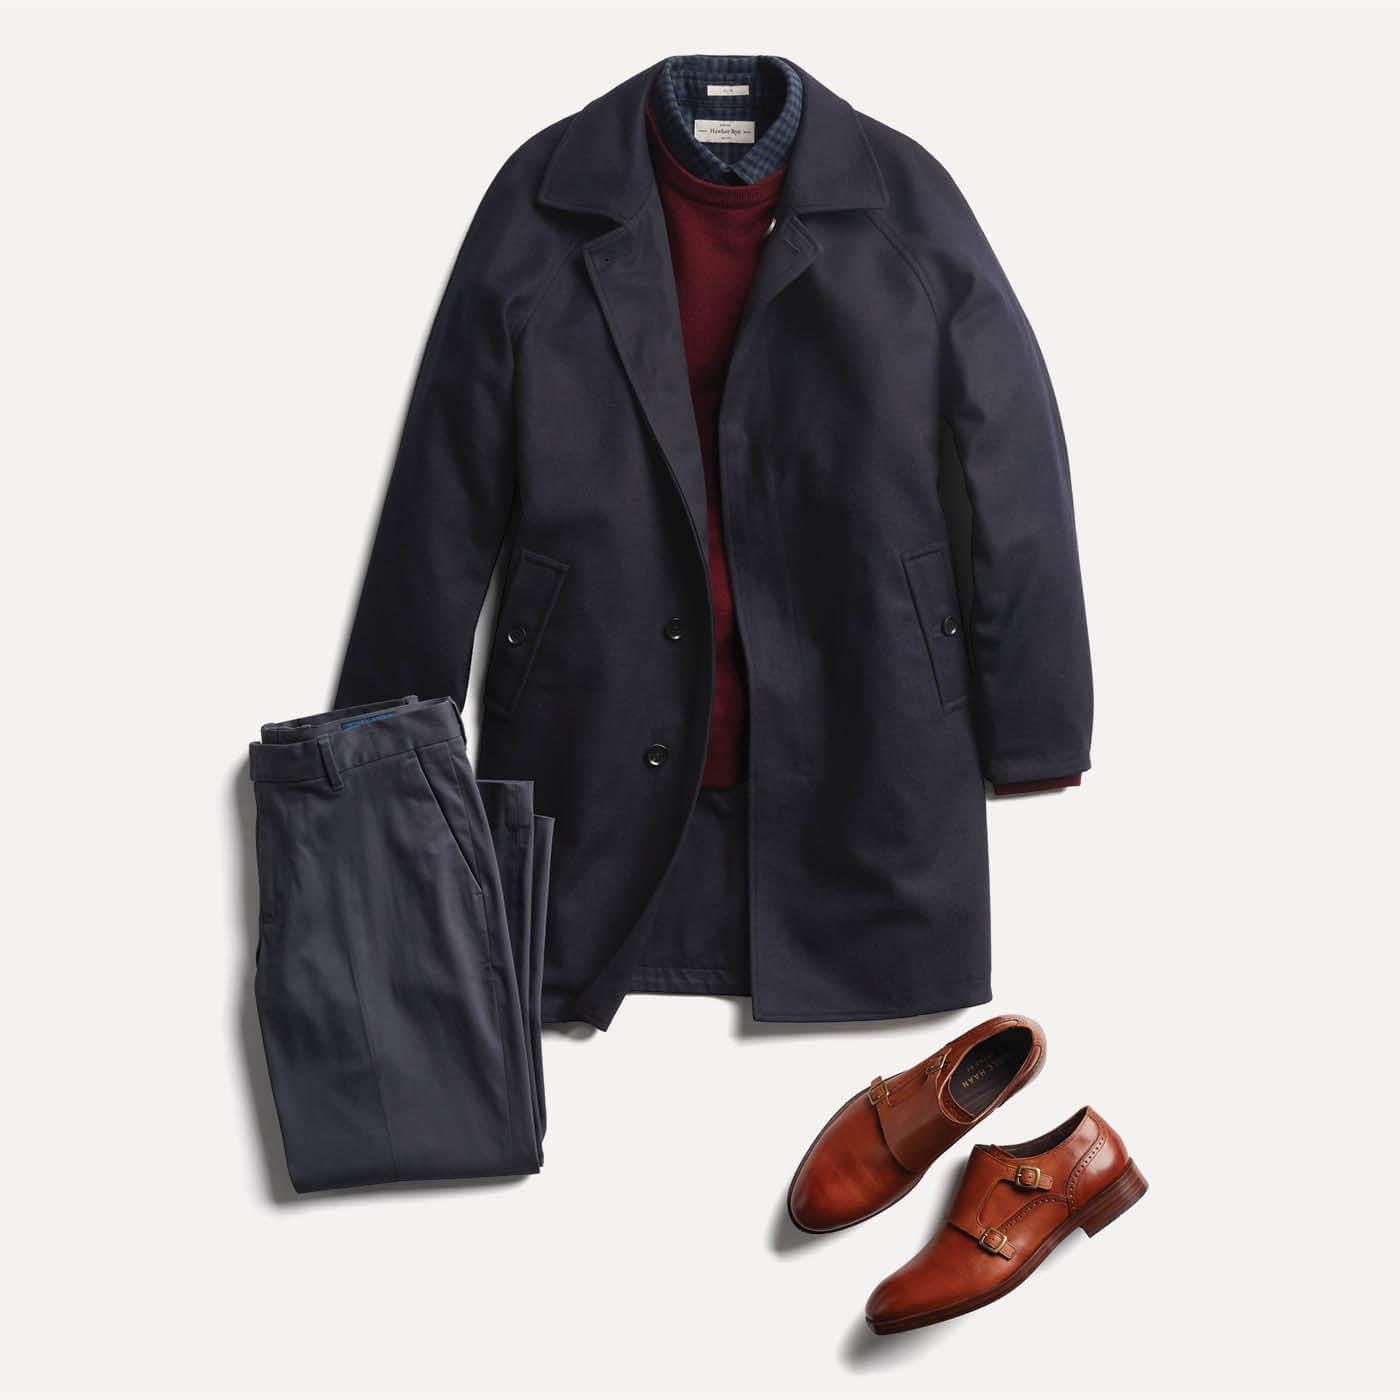 monkstraps with coat